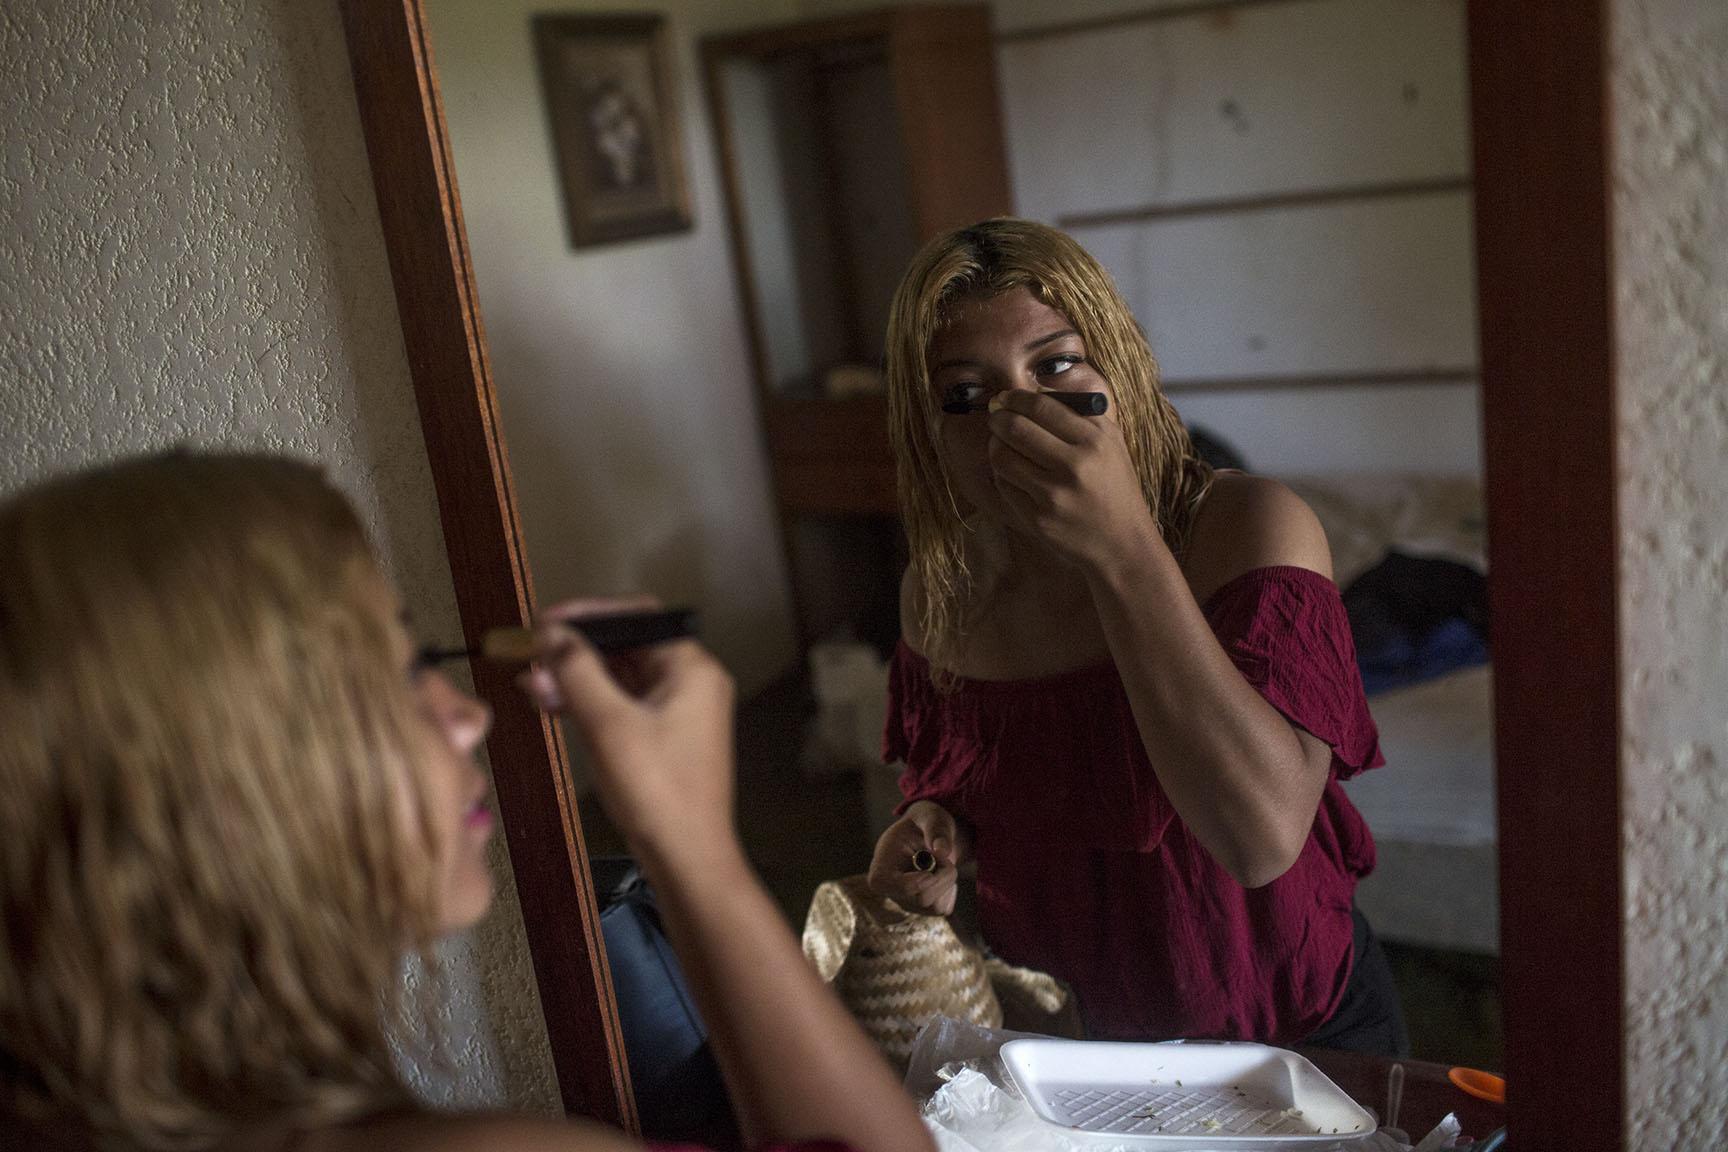 Kensy Gómez, 18, originaria de San Pedro Sula, se maquilla frente al espejo de su cuarto, antes de emprender nuevamente el viaje / Simone Dalmasso